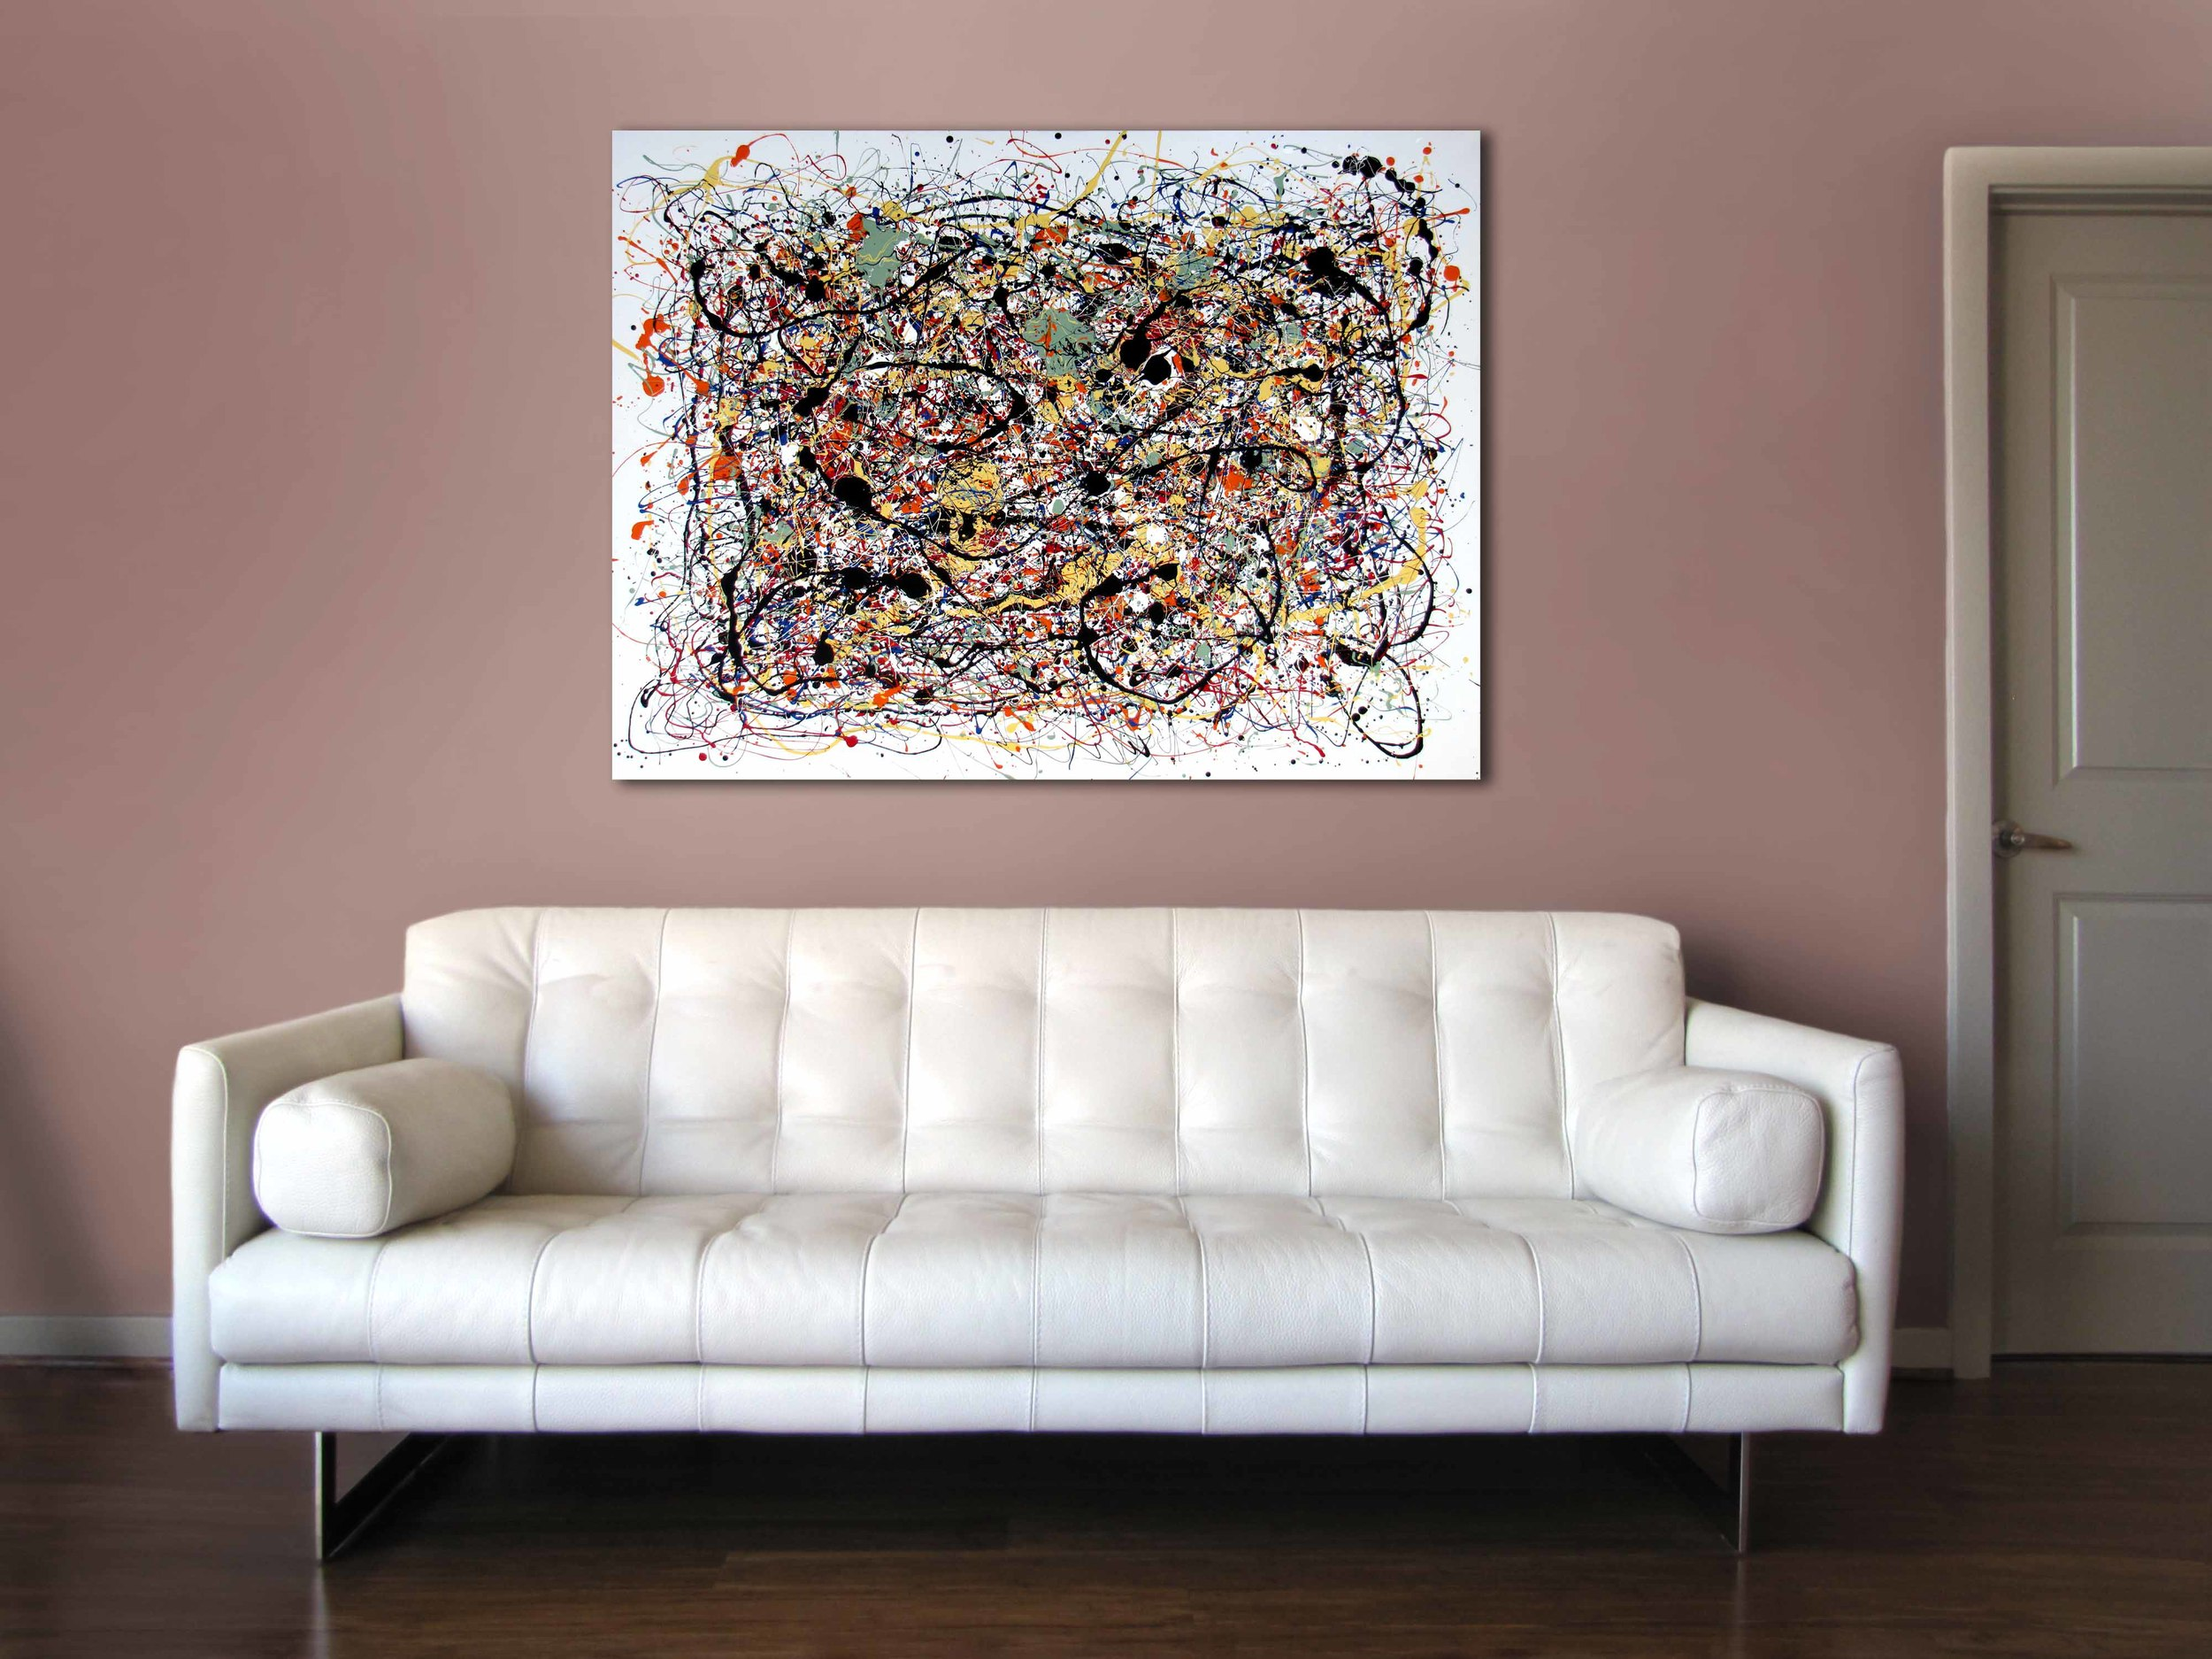 Sofa Wall I am neutral salmon.jpg